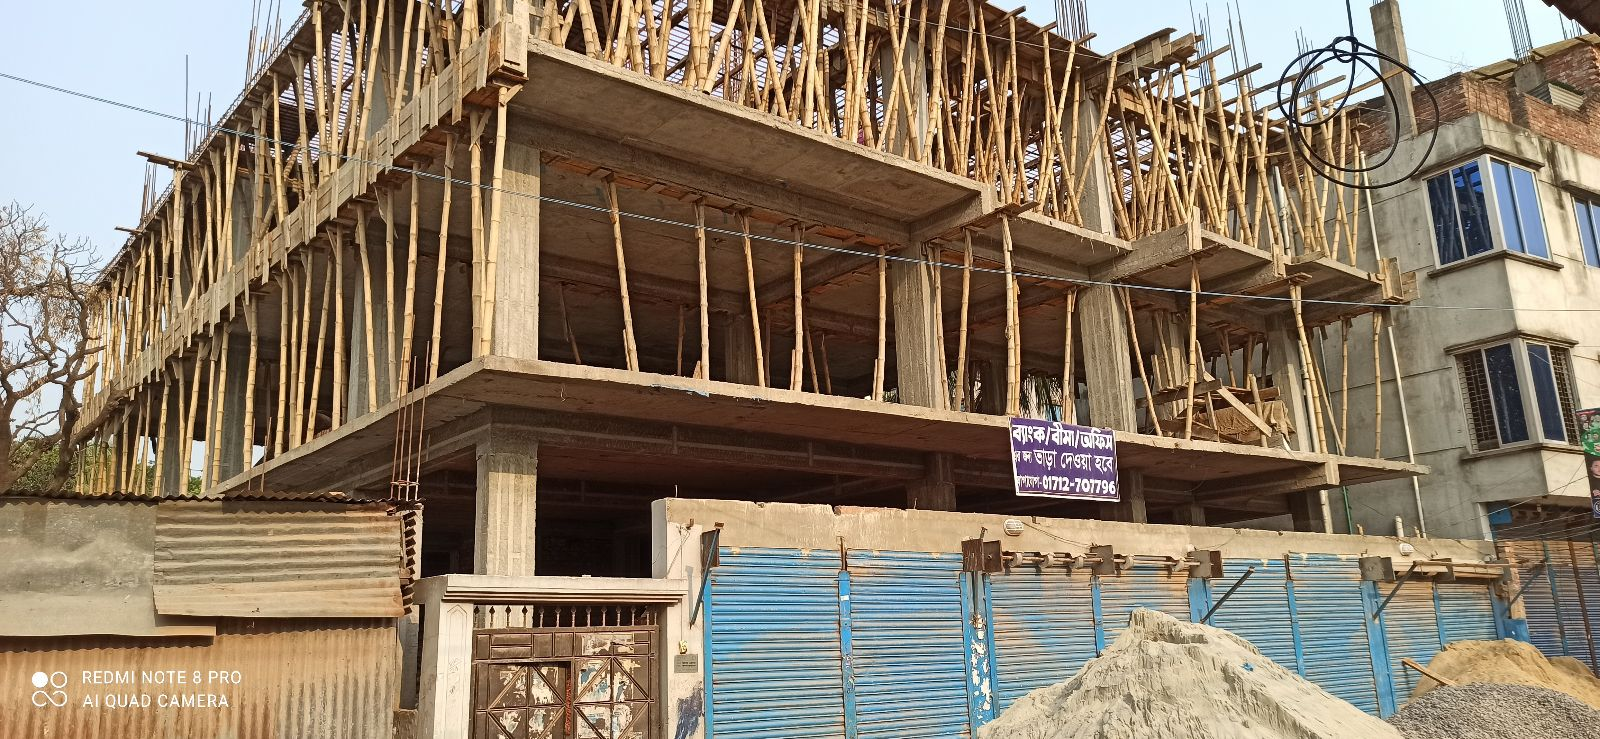 Office rent in Dhaka Division ঢাকা, কামারপাড়া তুরাগ উত্তরা ঢাকা  ৫৪ নং ওয়ার্ড ঢাকা উত্তর সিটি কর্পোরেশন